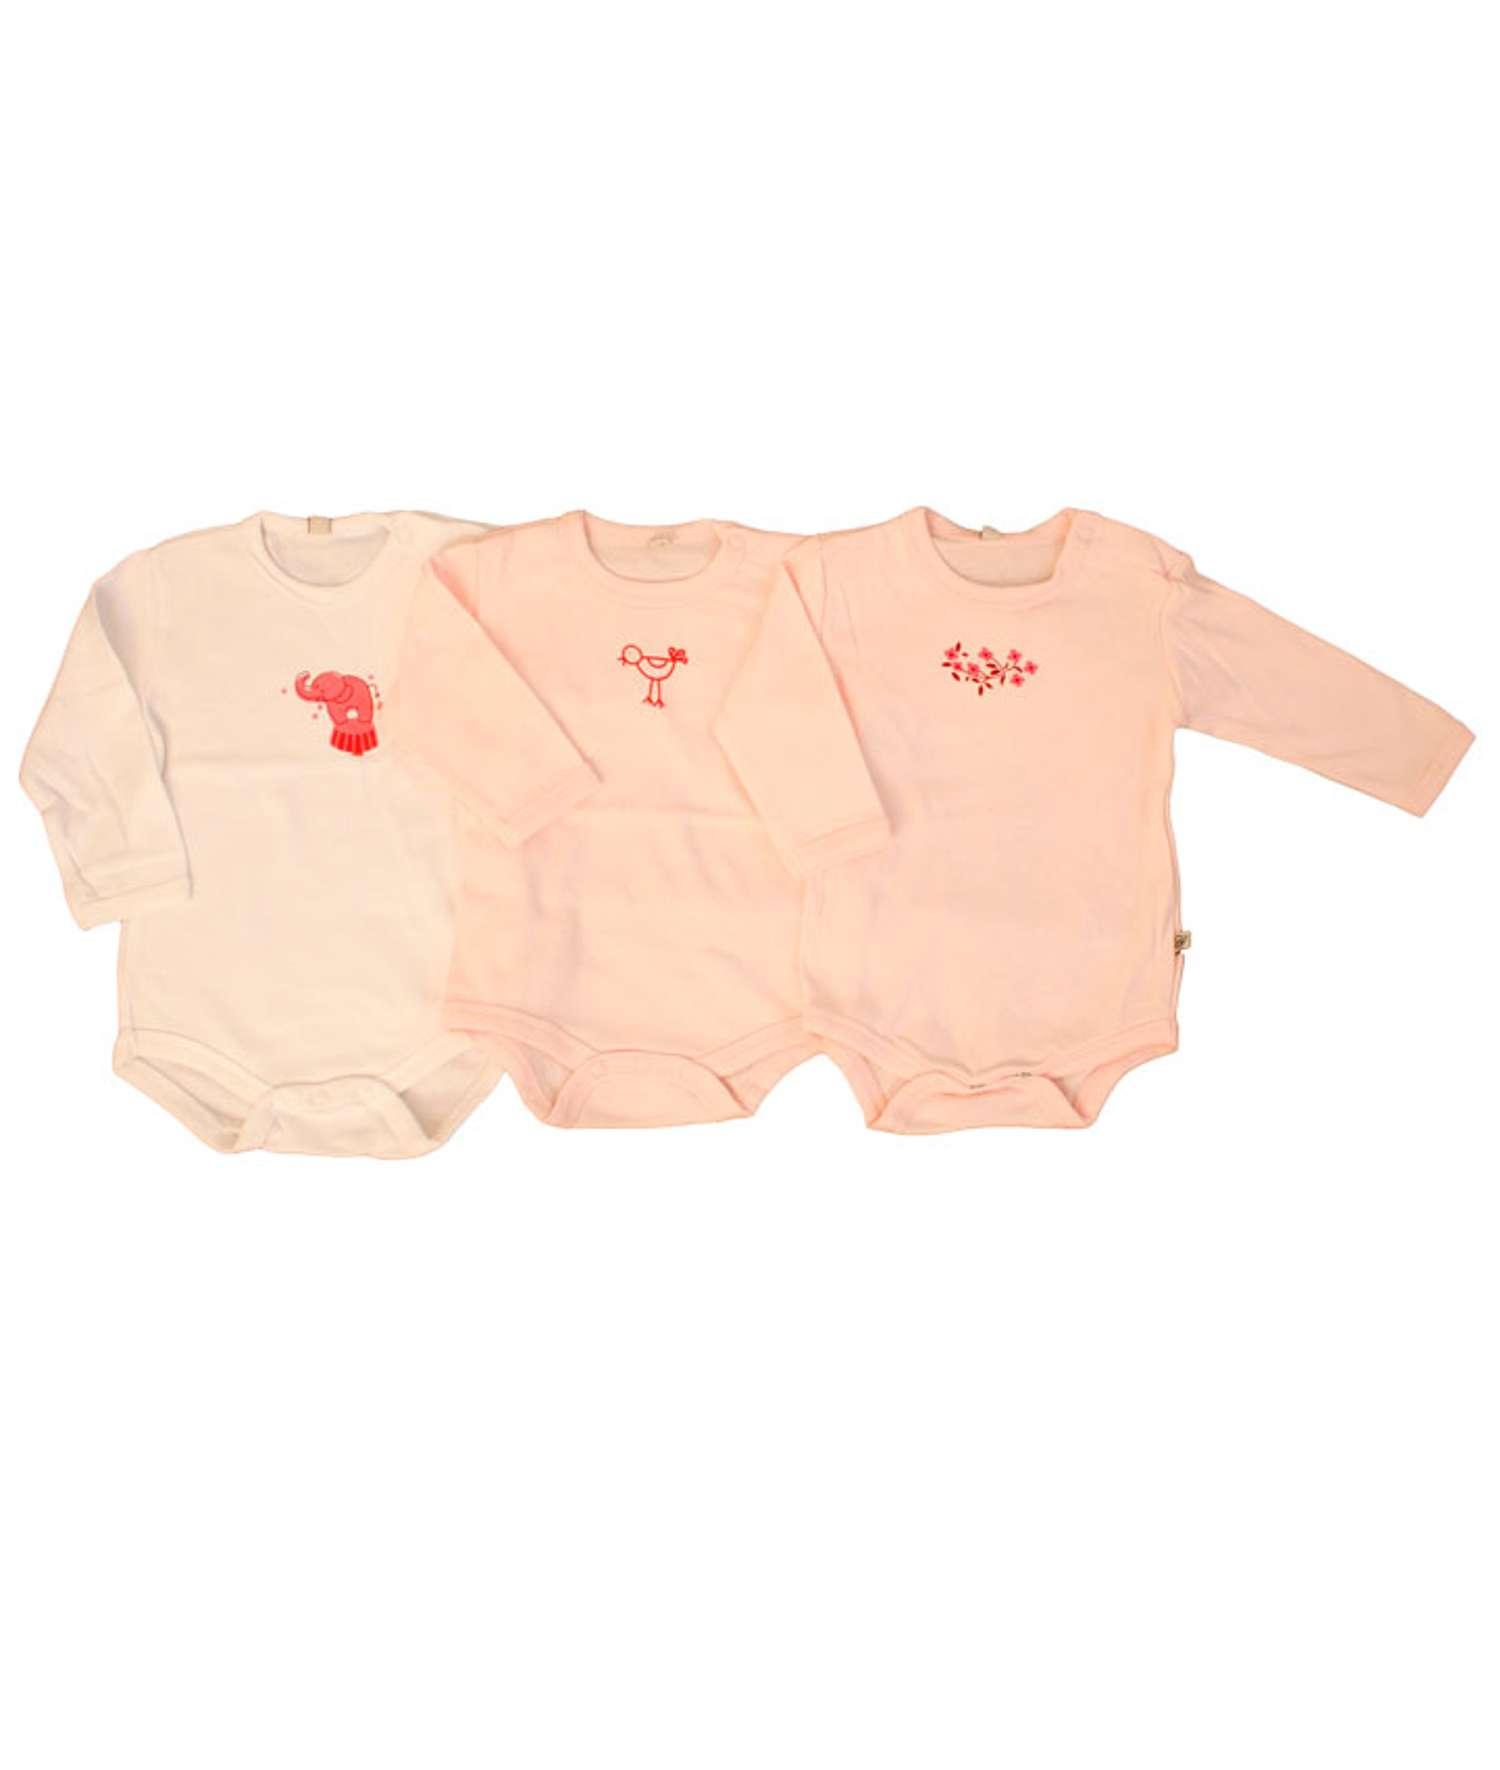 Pippi - Body langærmet - Rosa - Størrelse 68